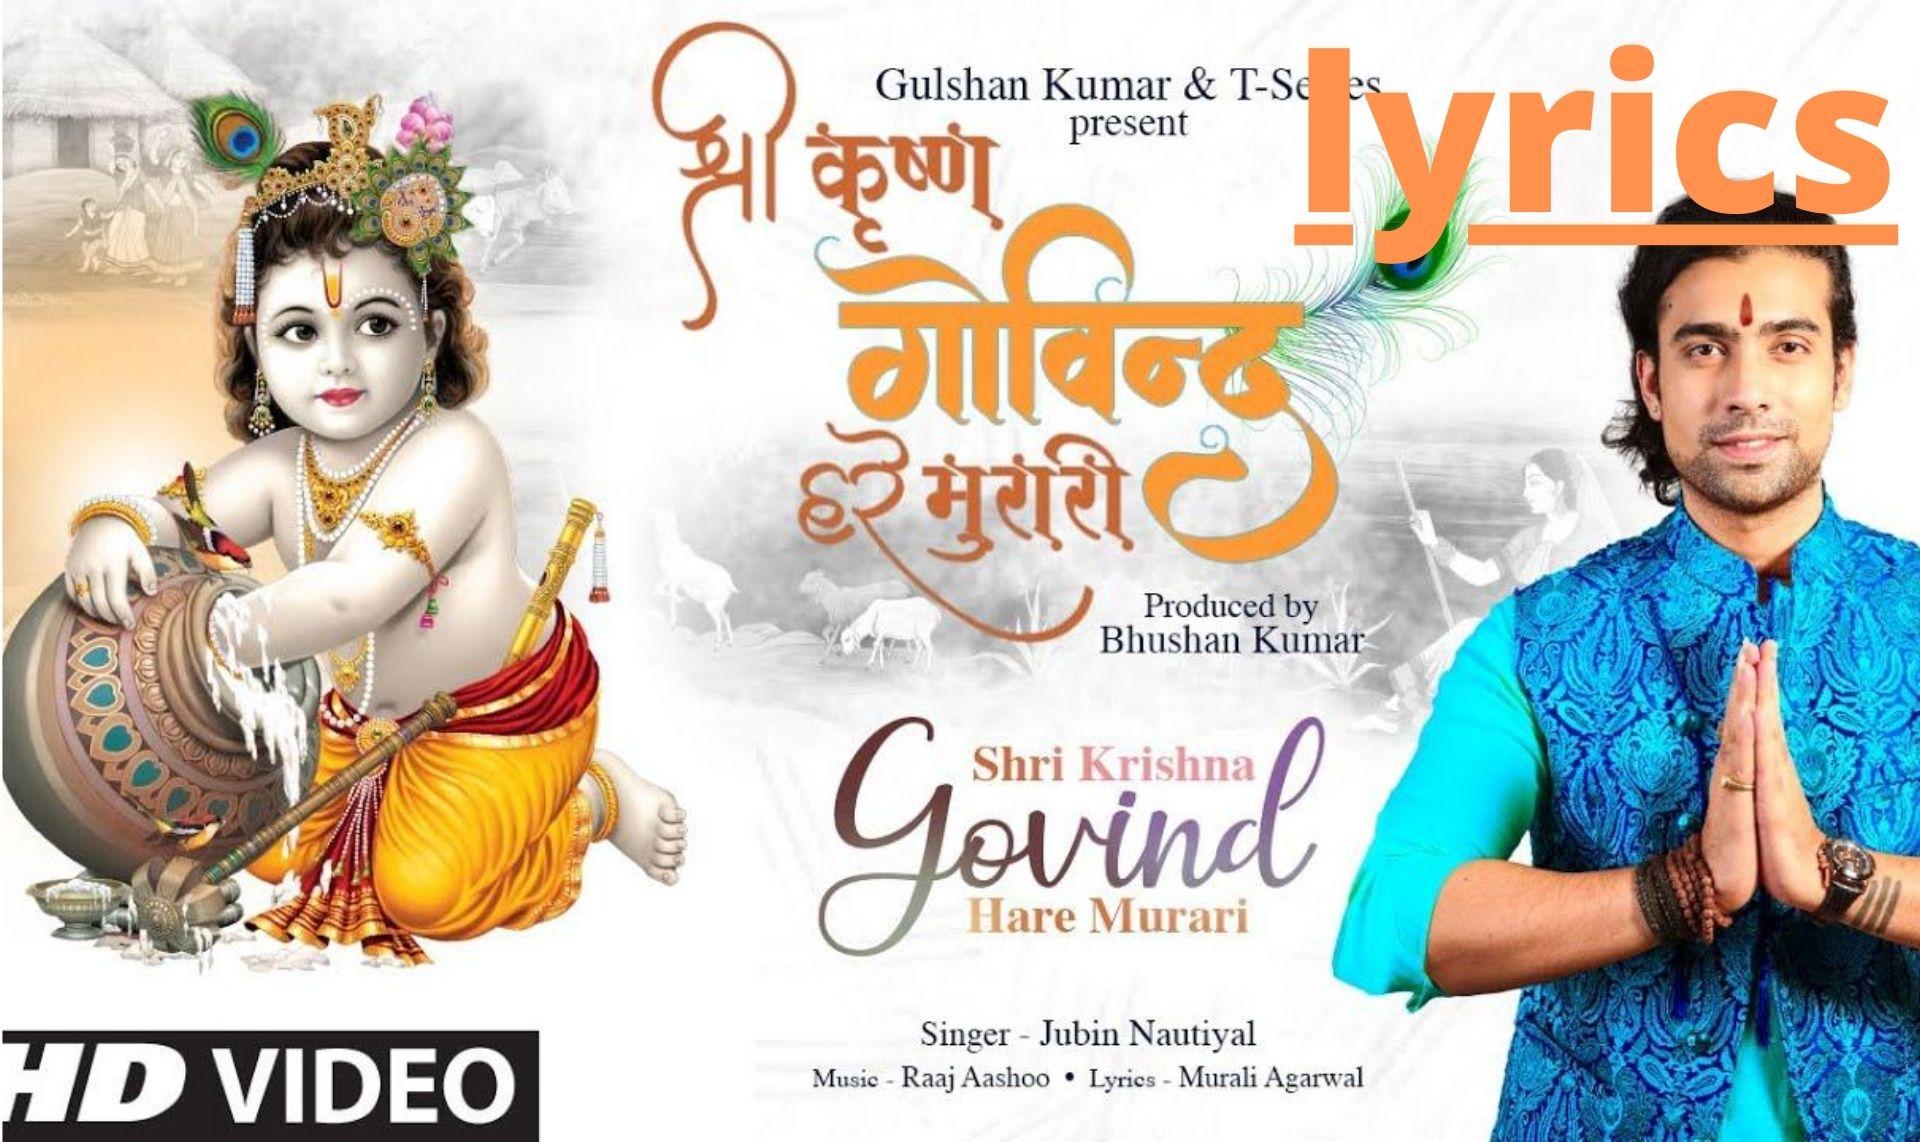 Shri Krishna Govind Hare Murari Hindi Lyrics Jubin Nautiyal Ganbajna Hindi Songs Lyrics In English Written by hasrat, the song was composed by duo of shankar jaikishan. shri krishna govind hare murari hindi lyrics jubin nautiyal